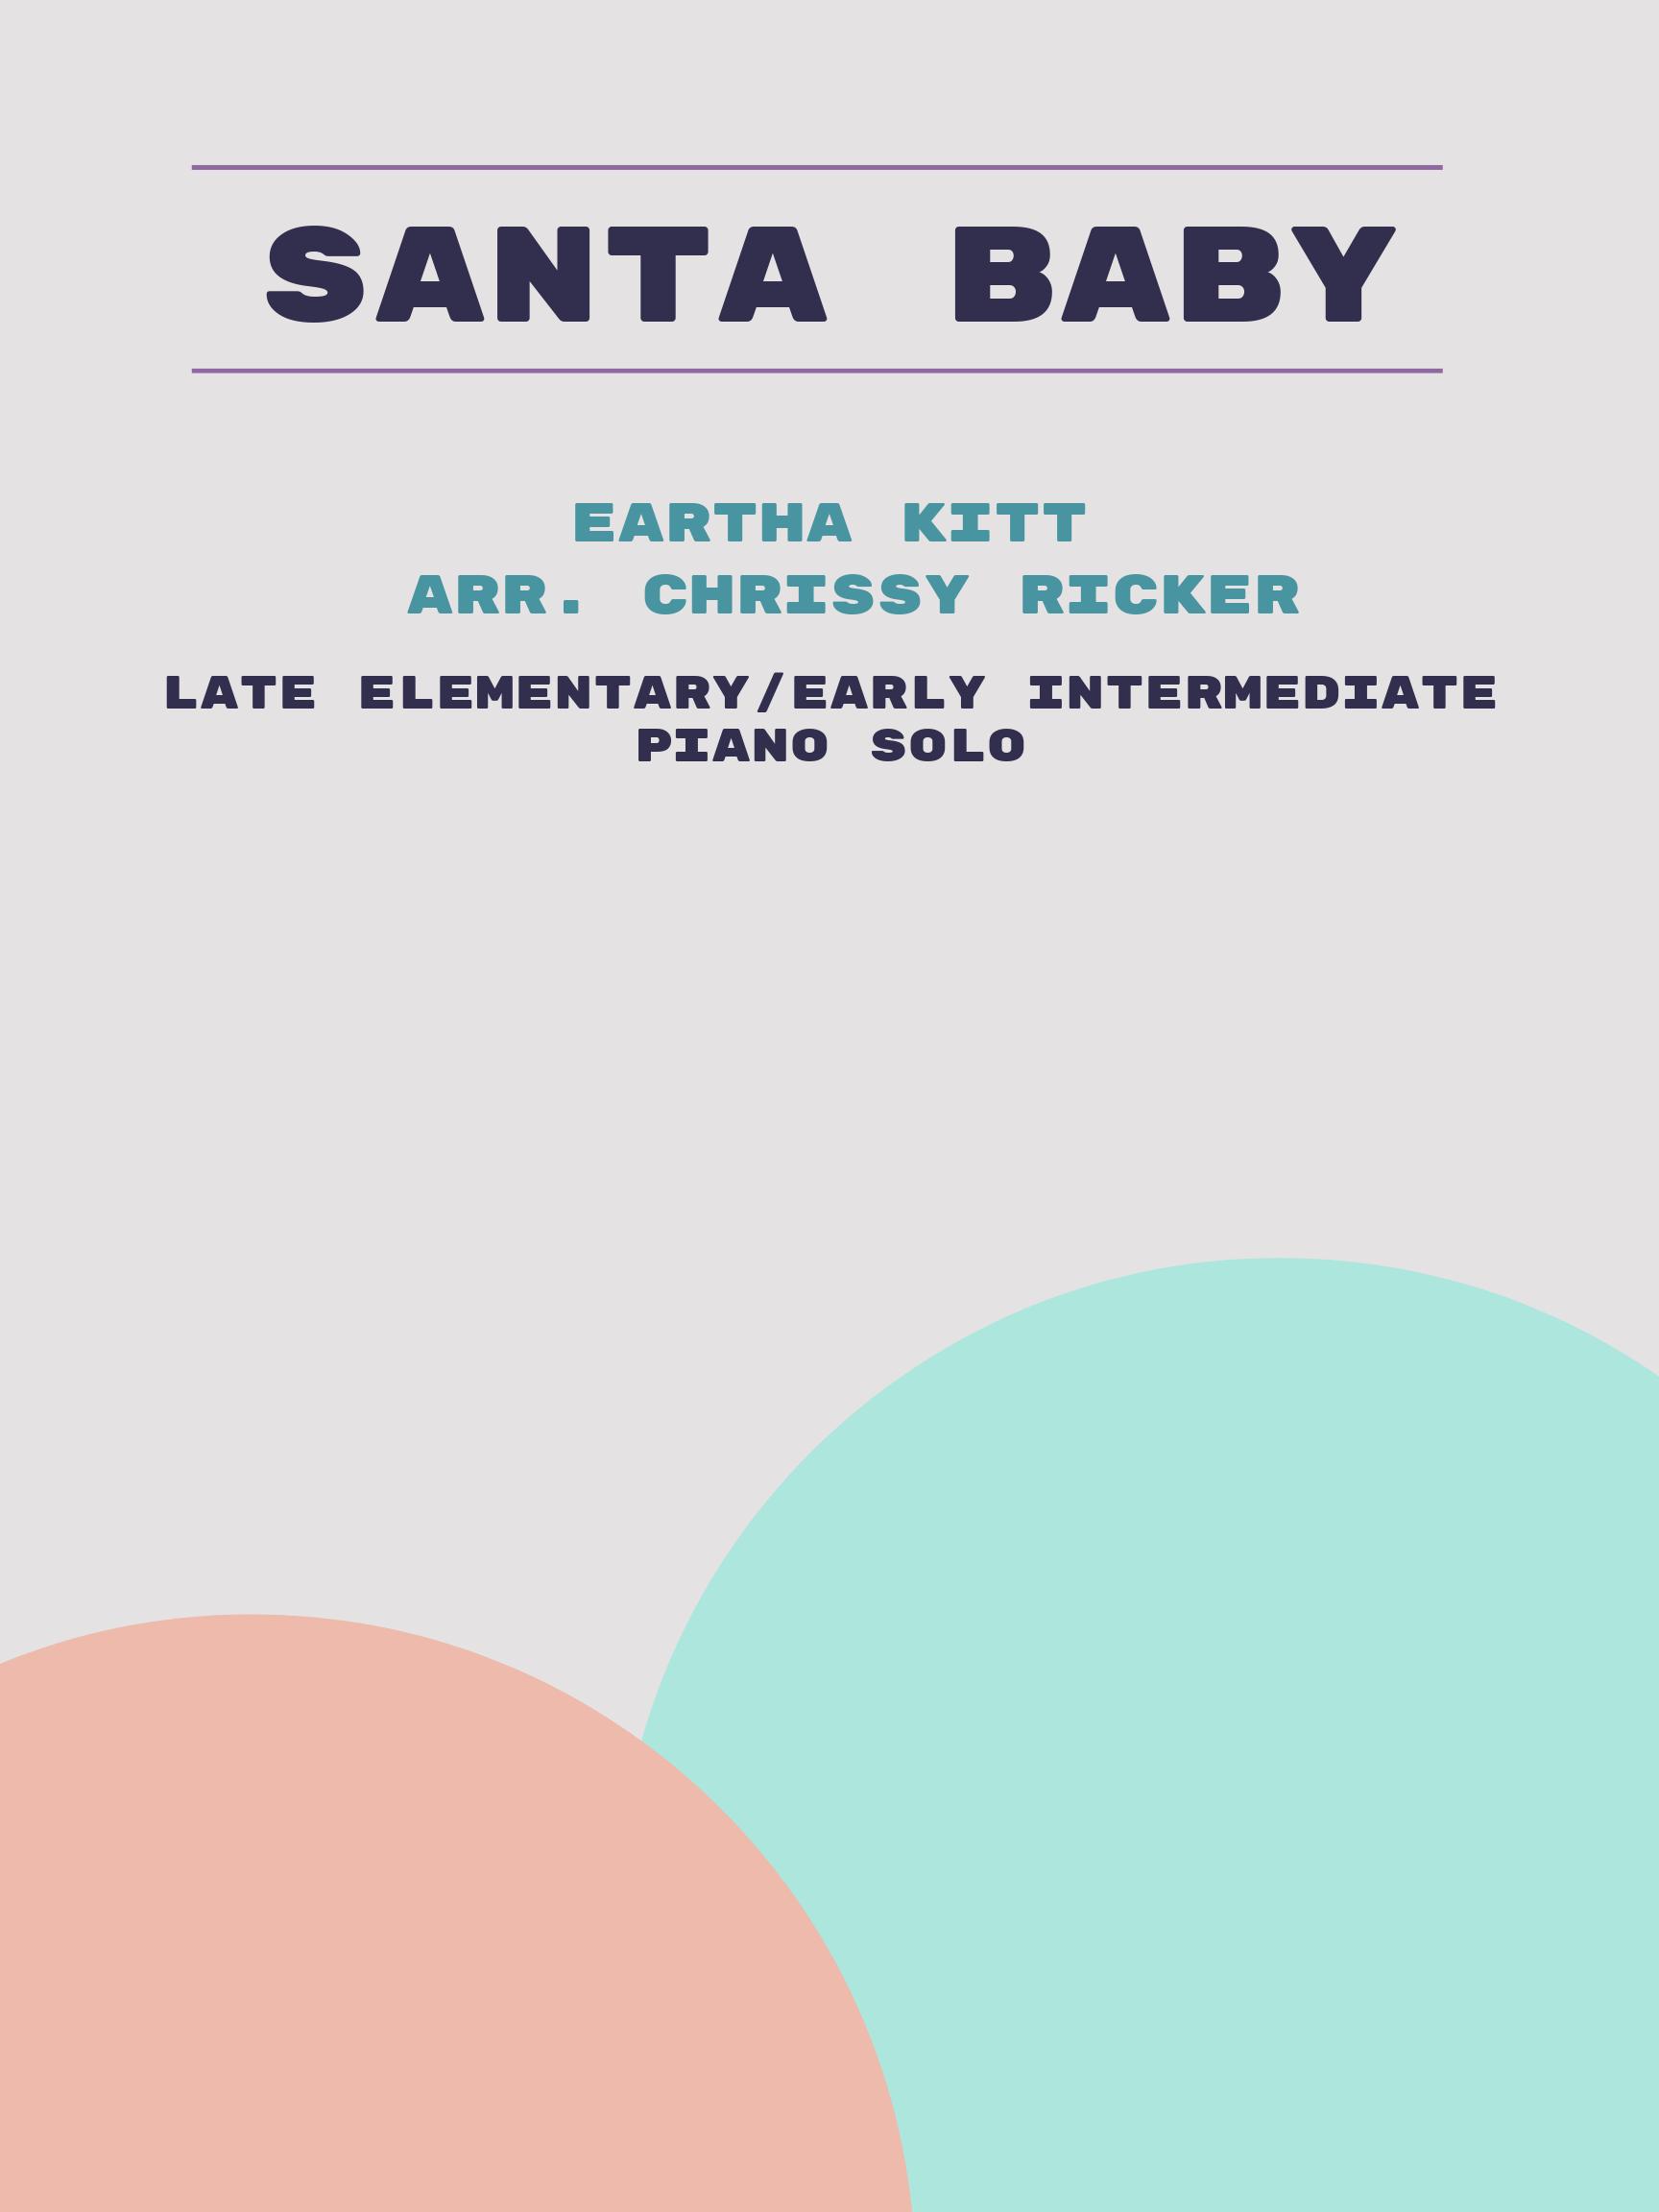 Santa Baby Sample Page